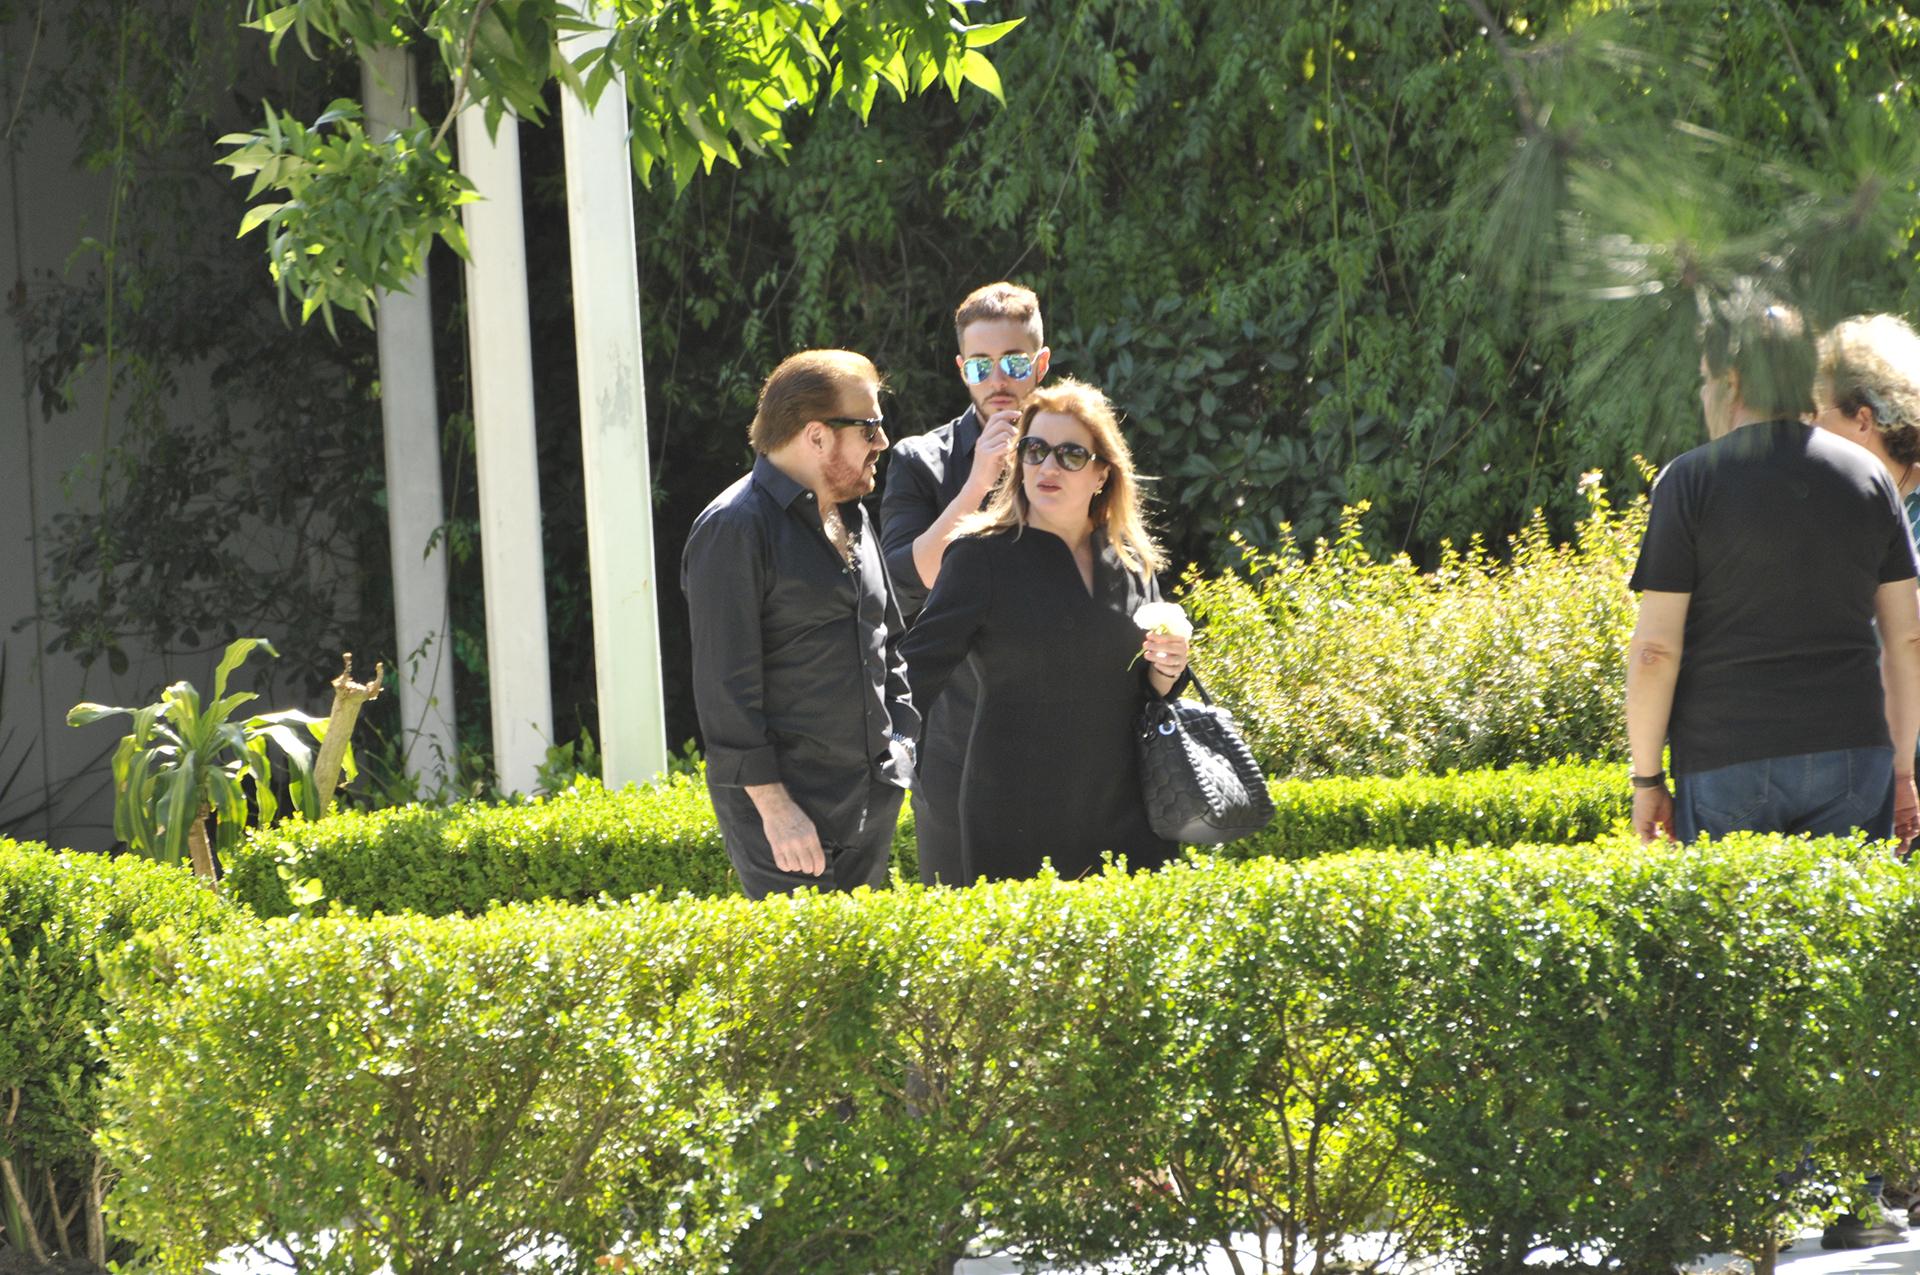 Joaquín estuvo acompañado por su esposa, Viviana, y su hijo, Francisco